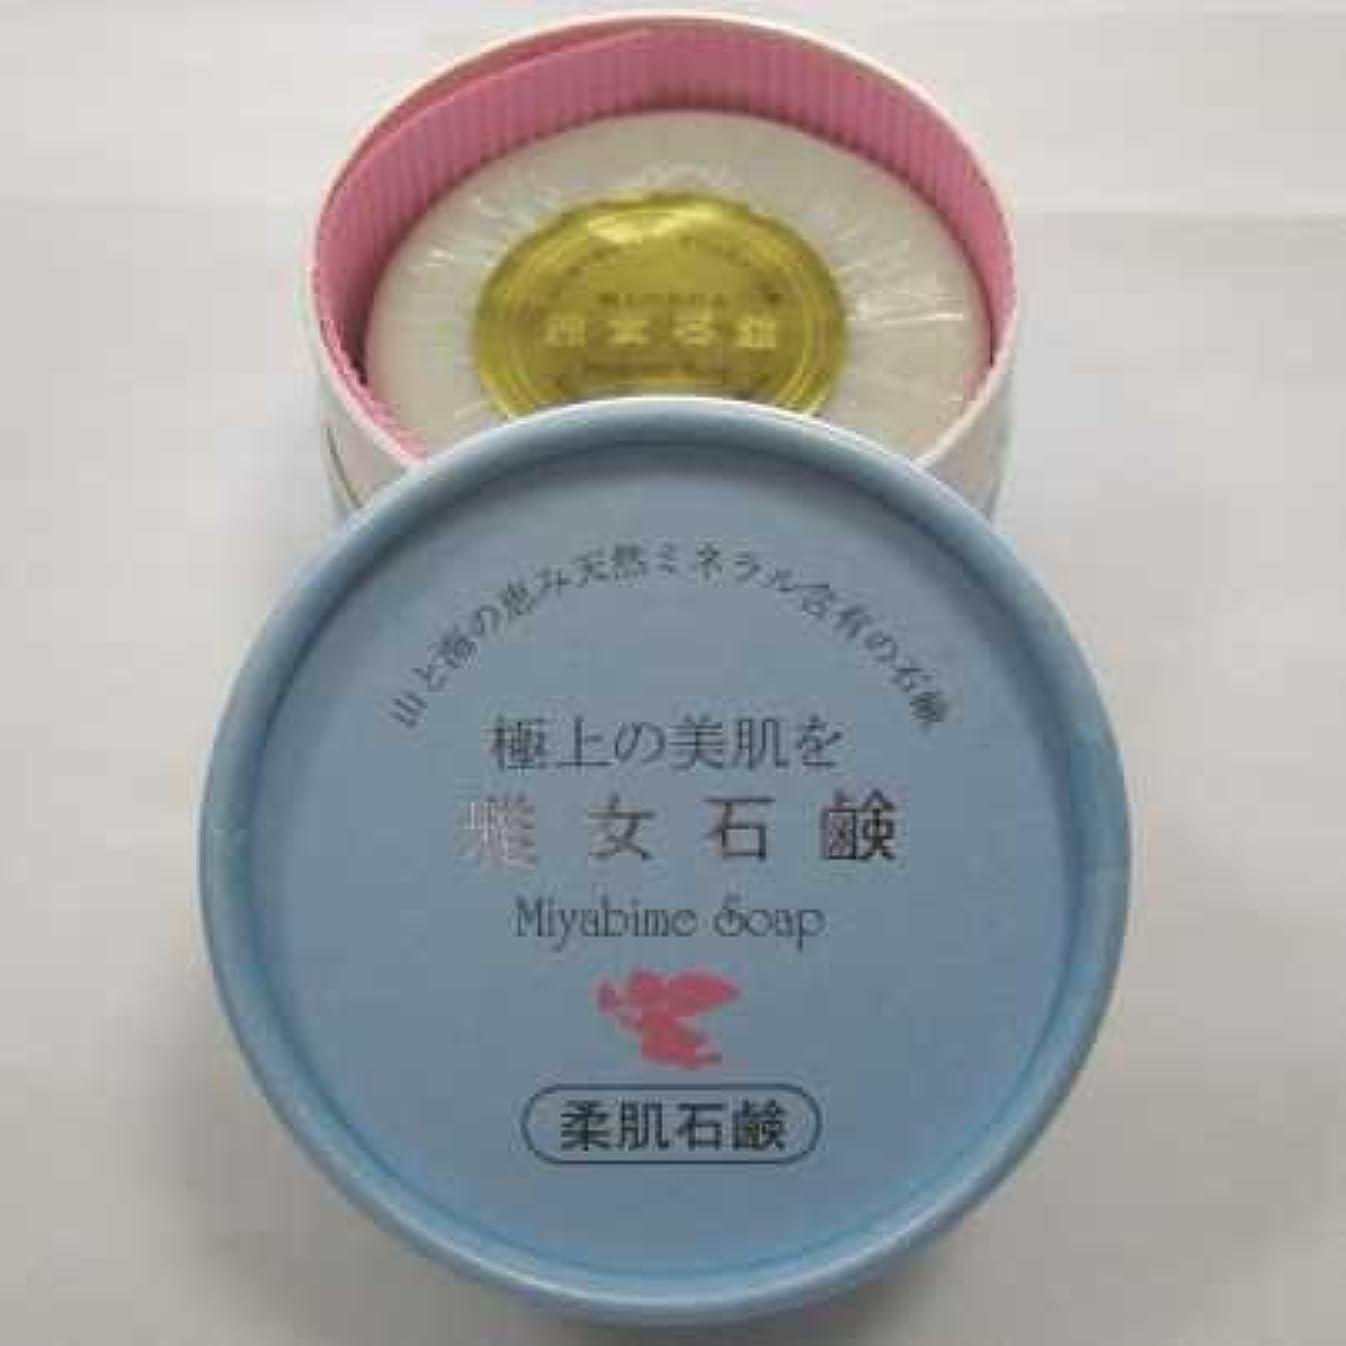 聖人白い少数雅女石鹸(Miyabime Soap)